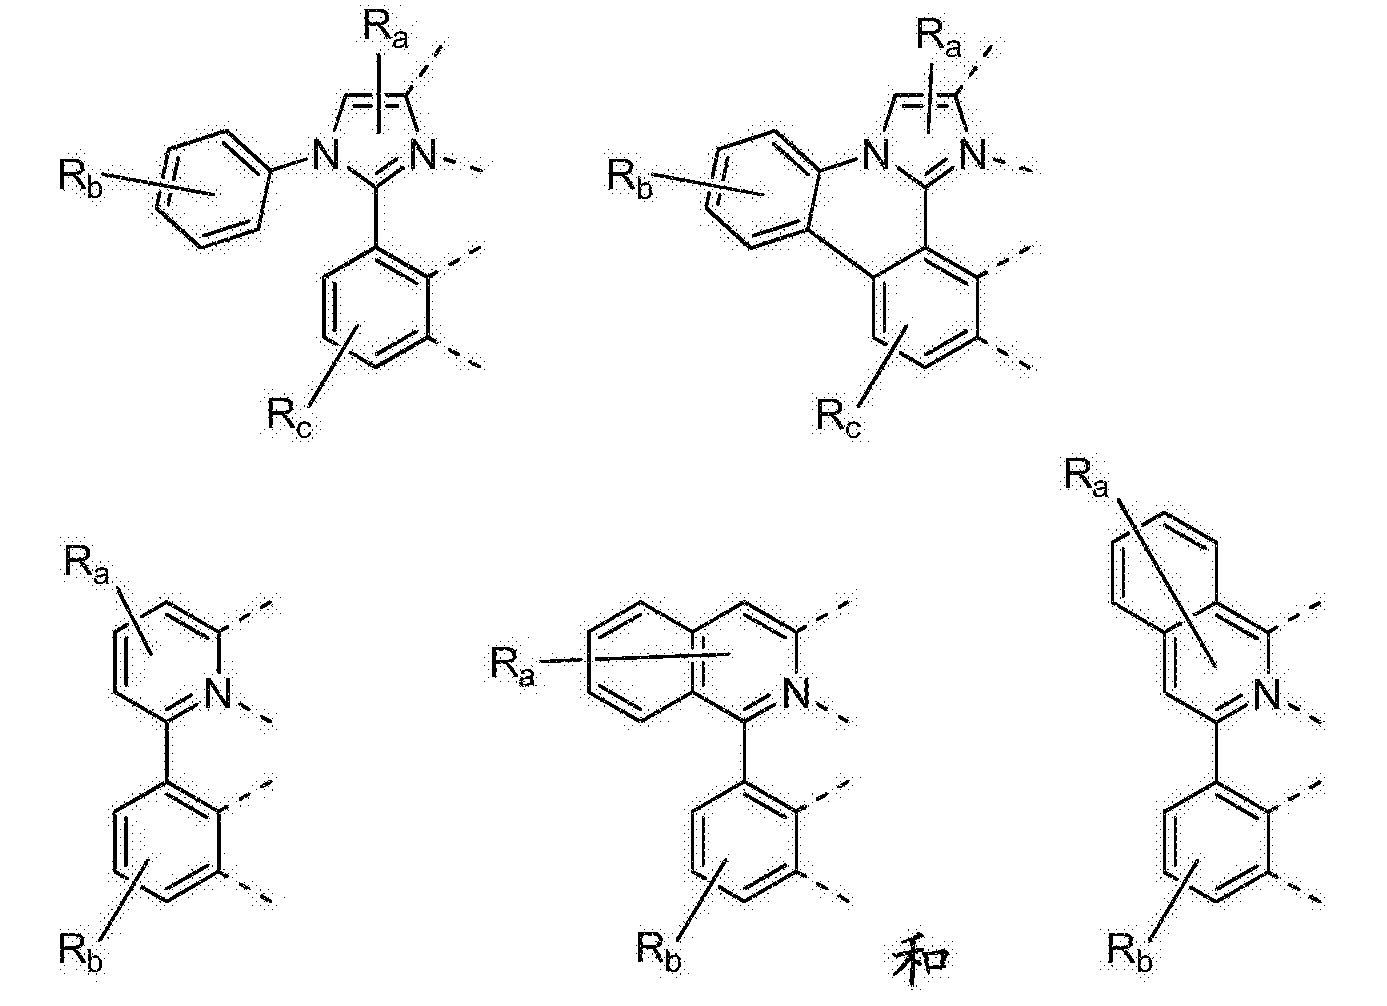 Figure CN106749425AC00031